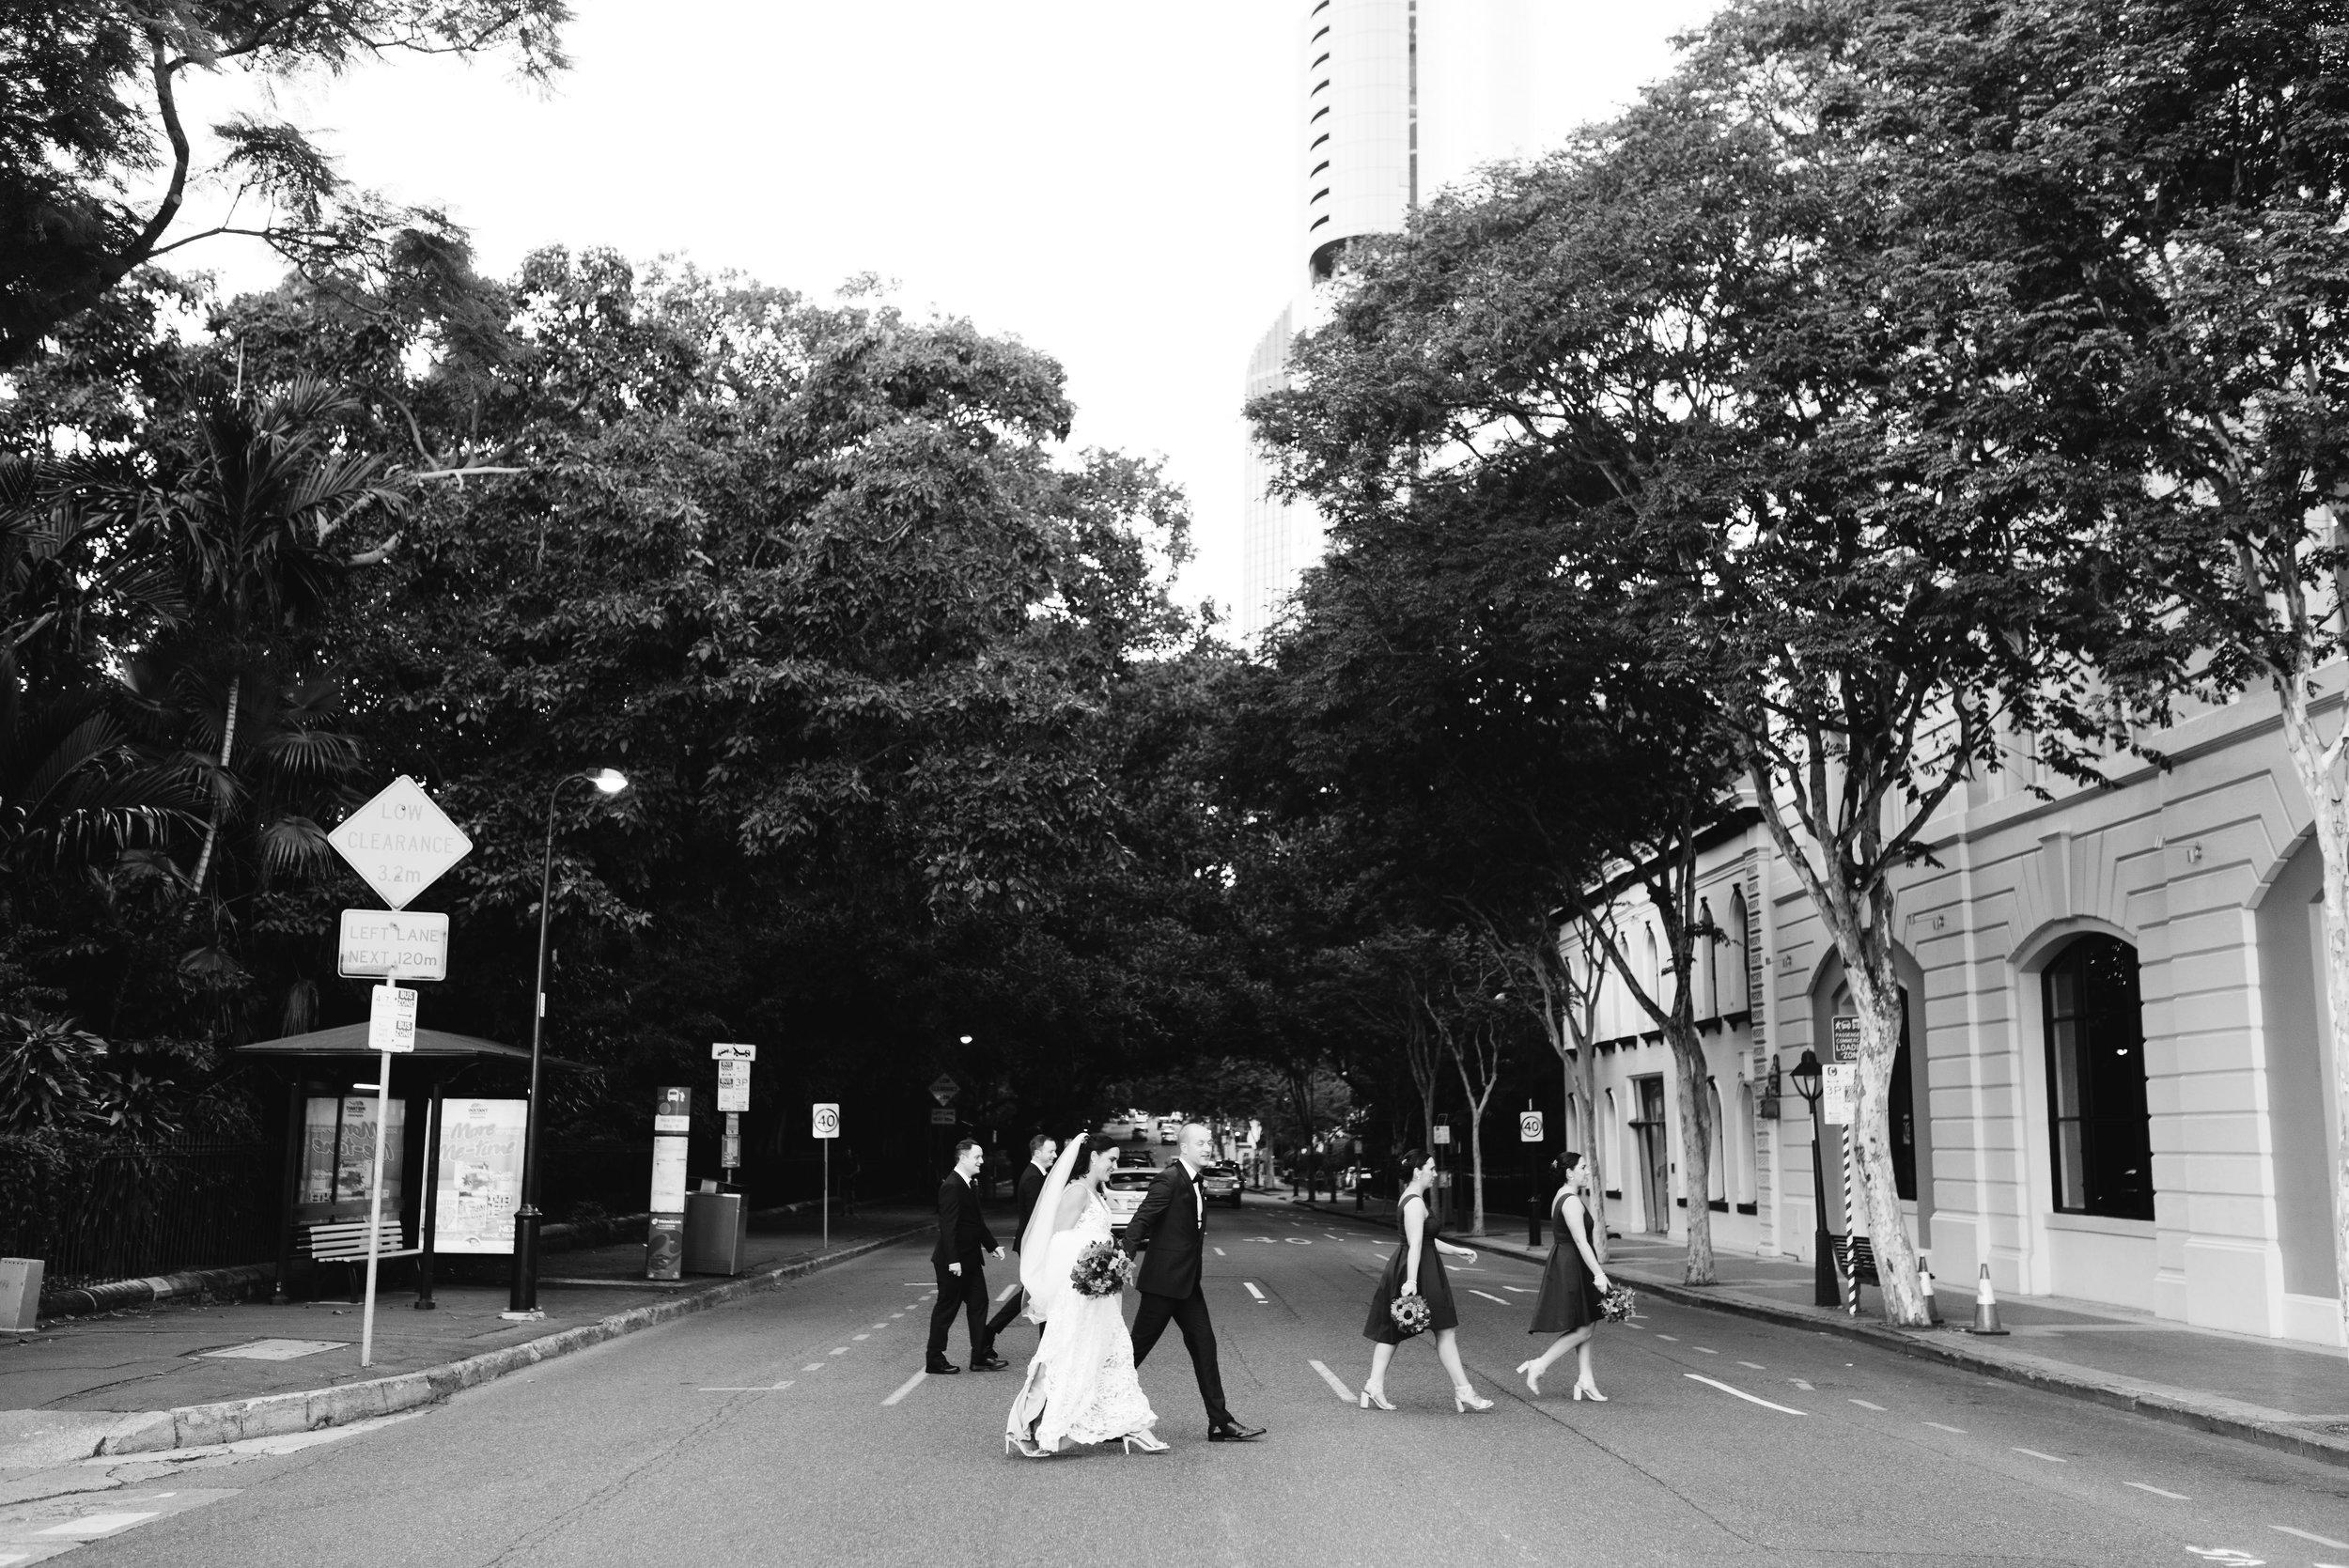 brisbane-stamford-plaza-wedding-49.jpg